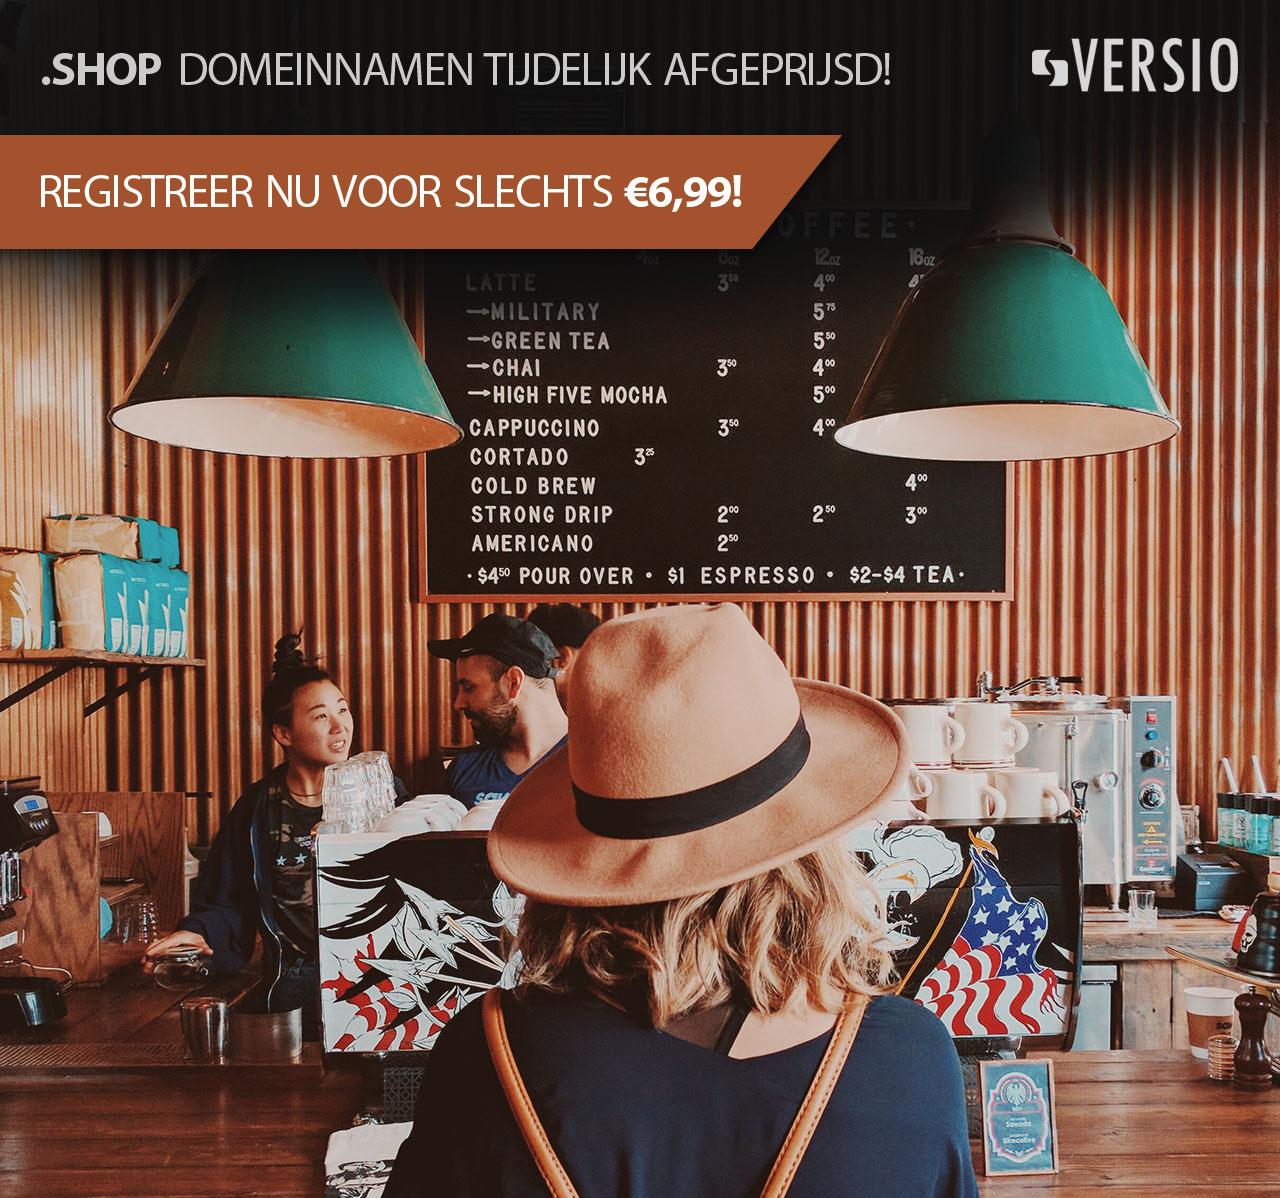 .Shop domein tijdelijk voor 6,99